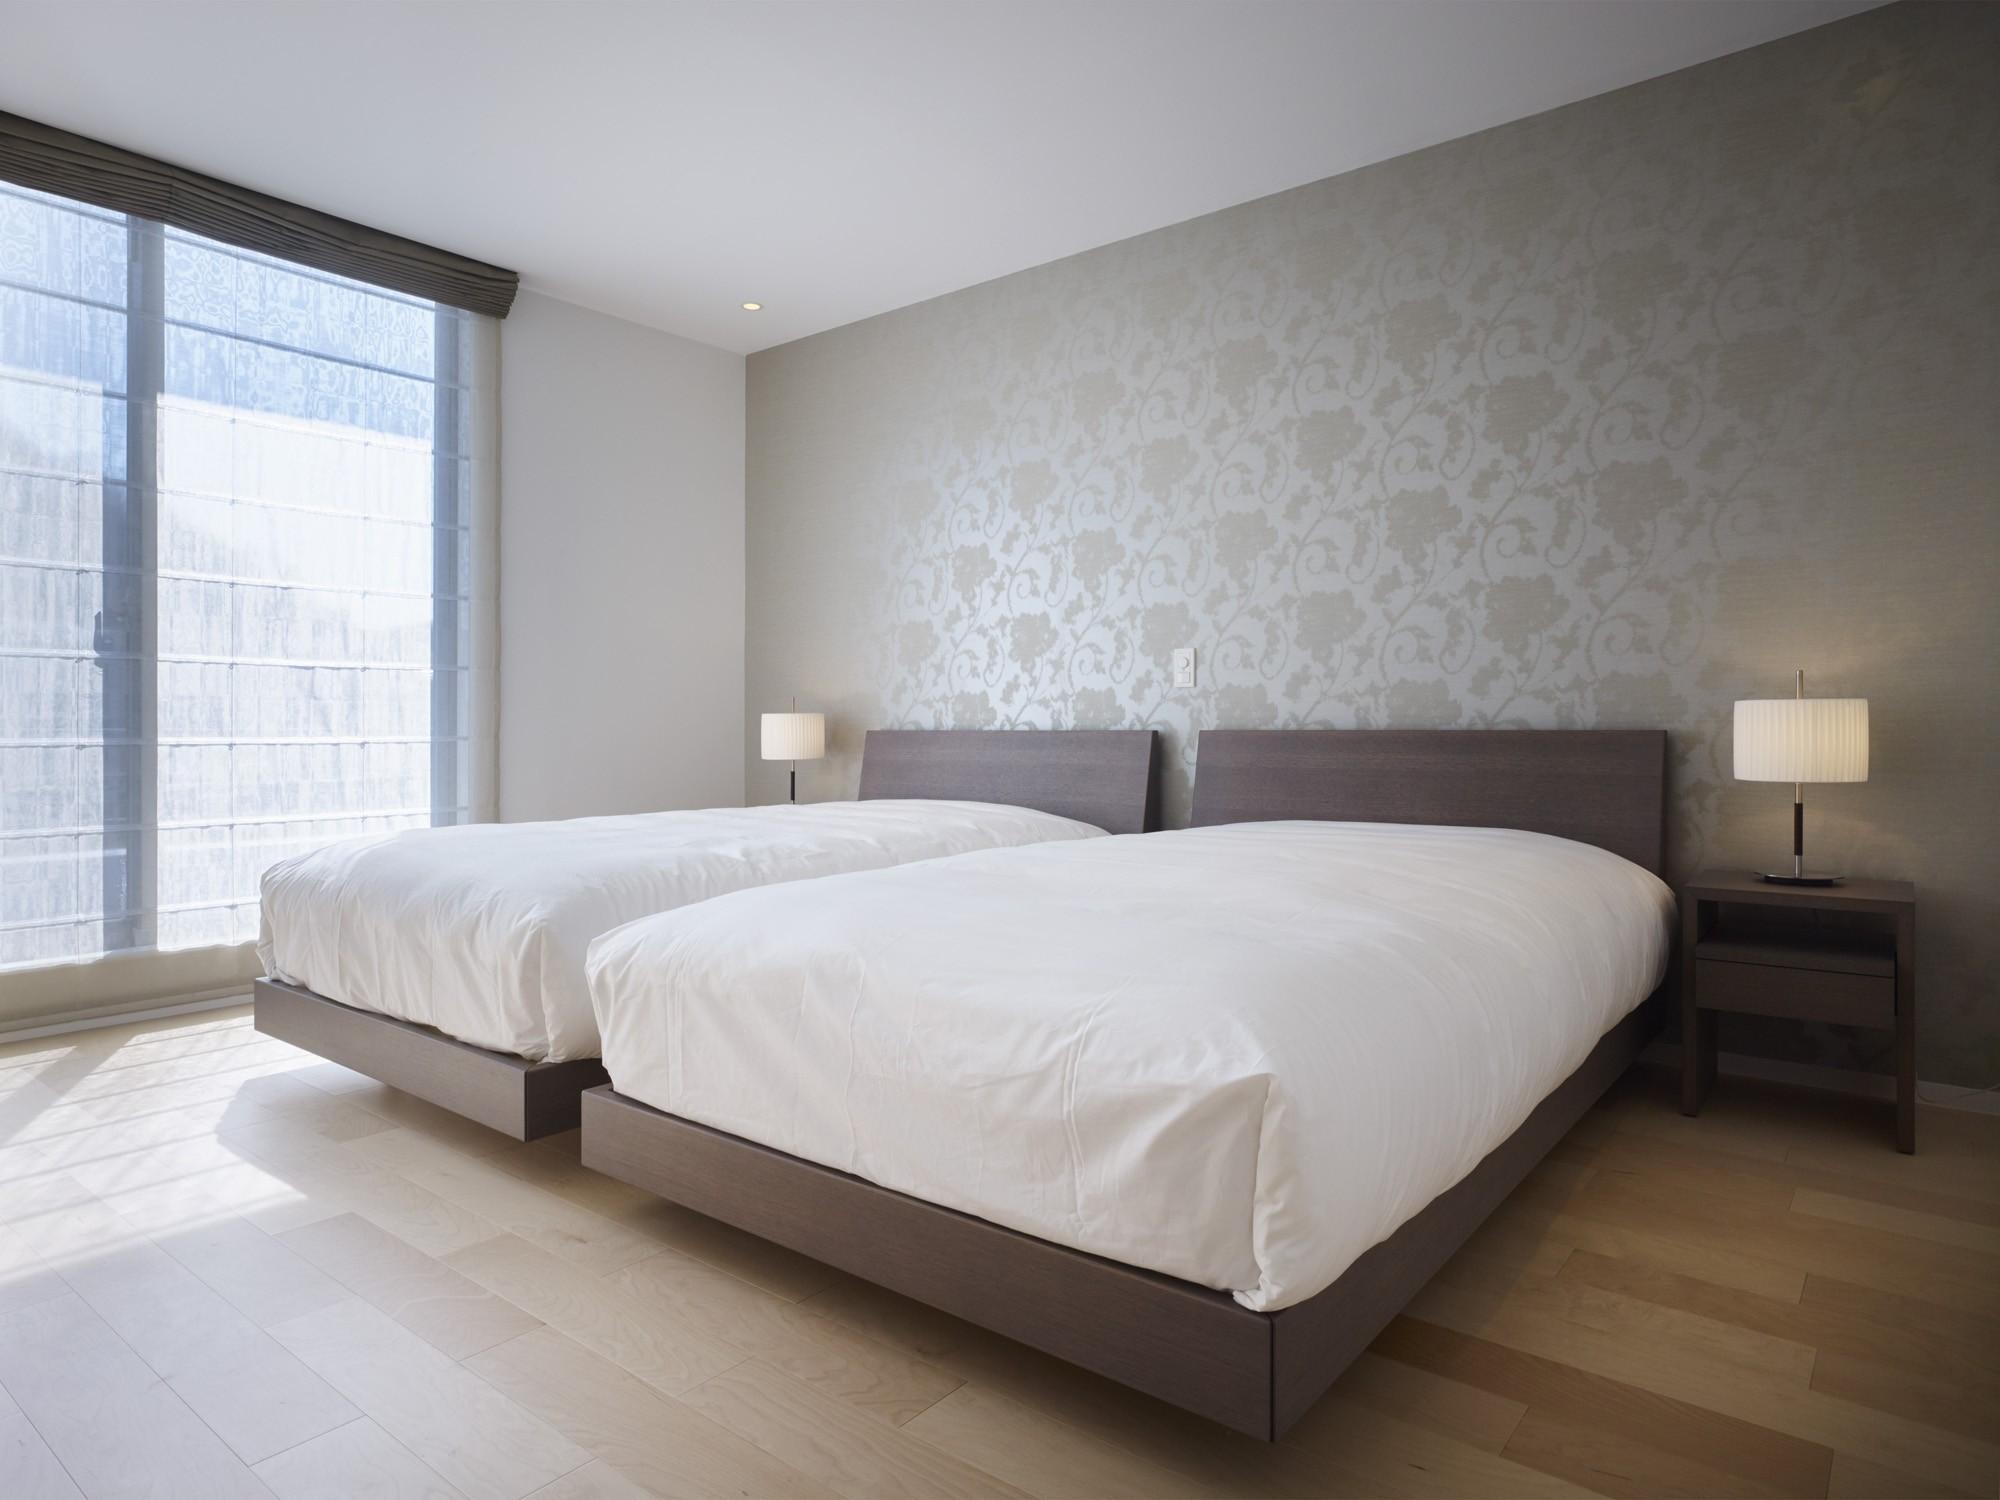 リビングダイニング事例:西東京の住宅改修 寝室(西東京の住宅改修)